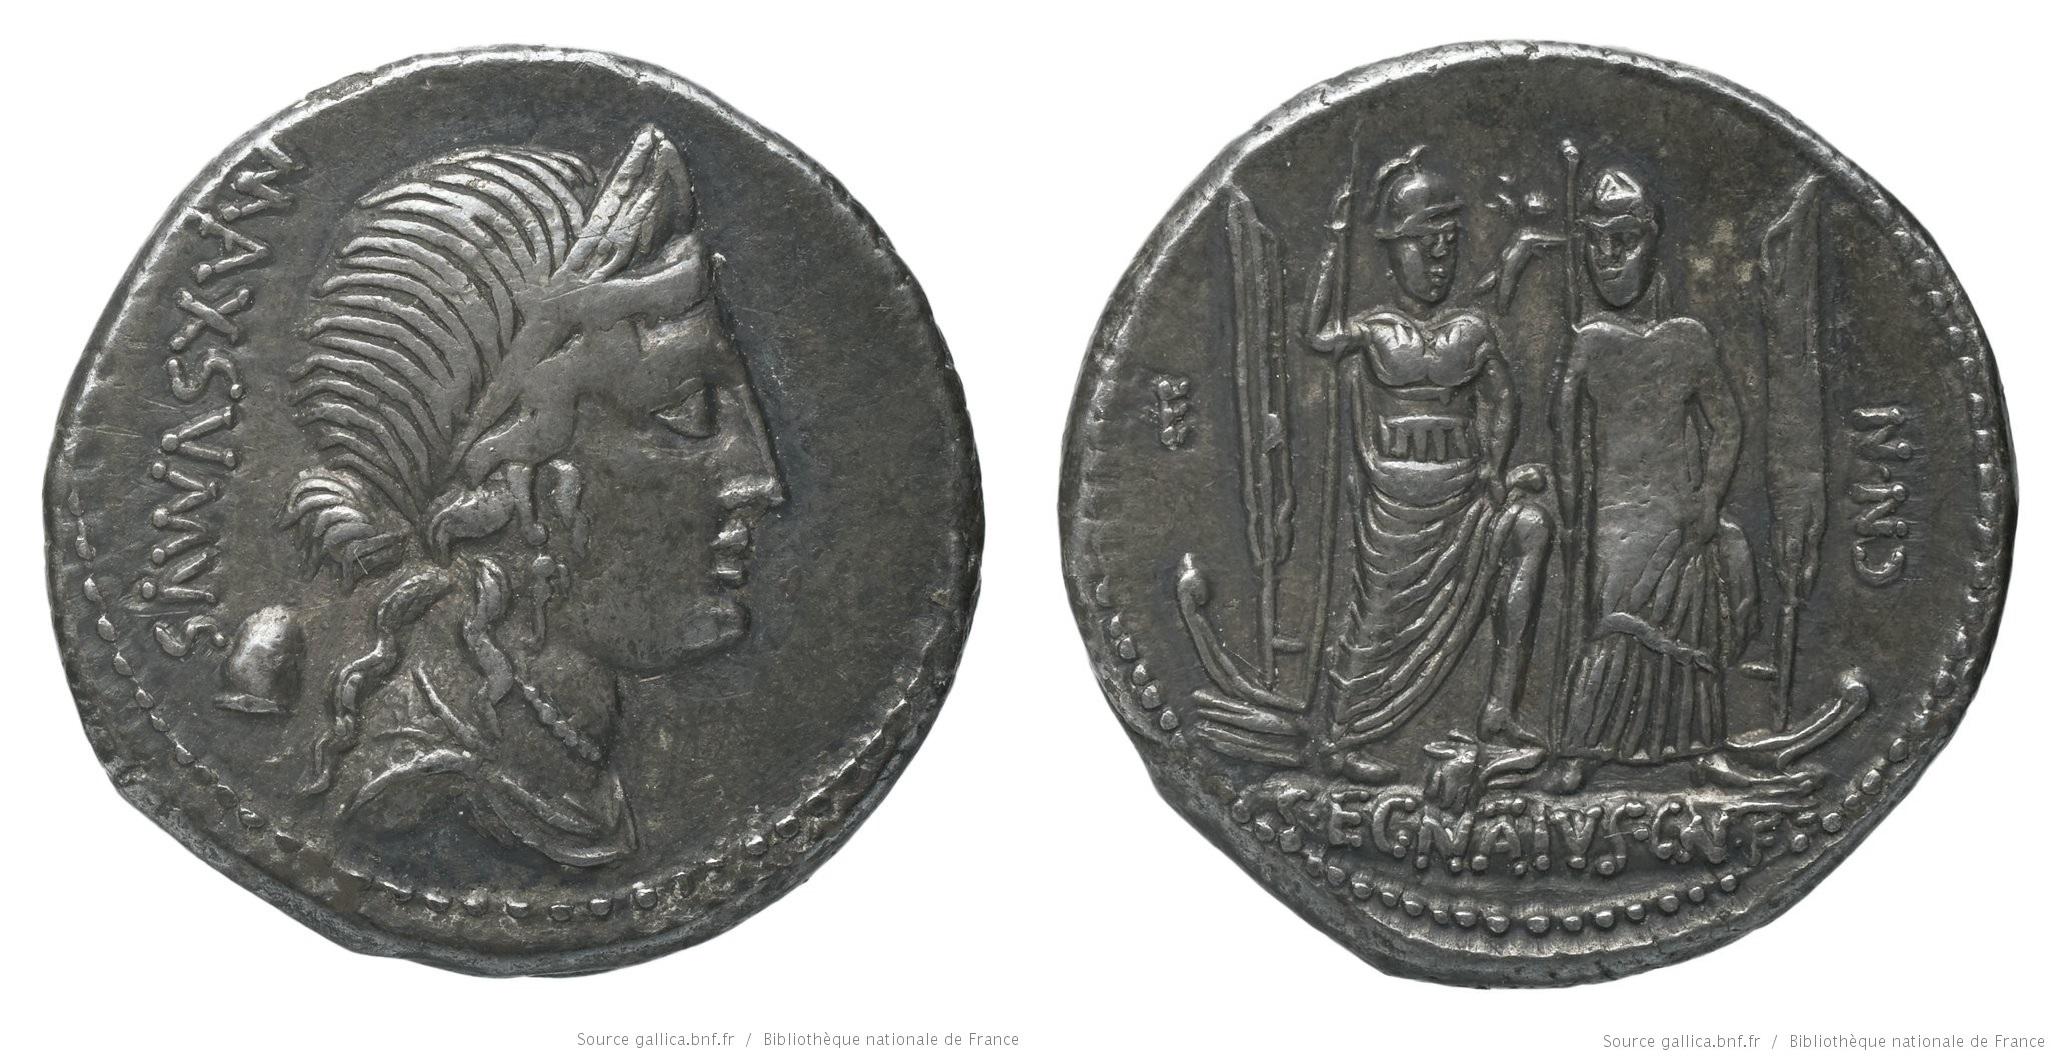 1330EG – Denier Egnatia – Caius Egnatius Maxsumus